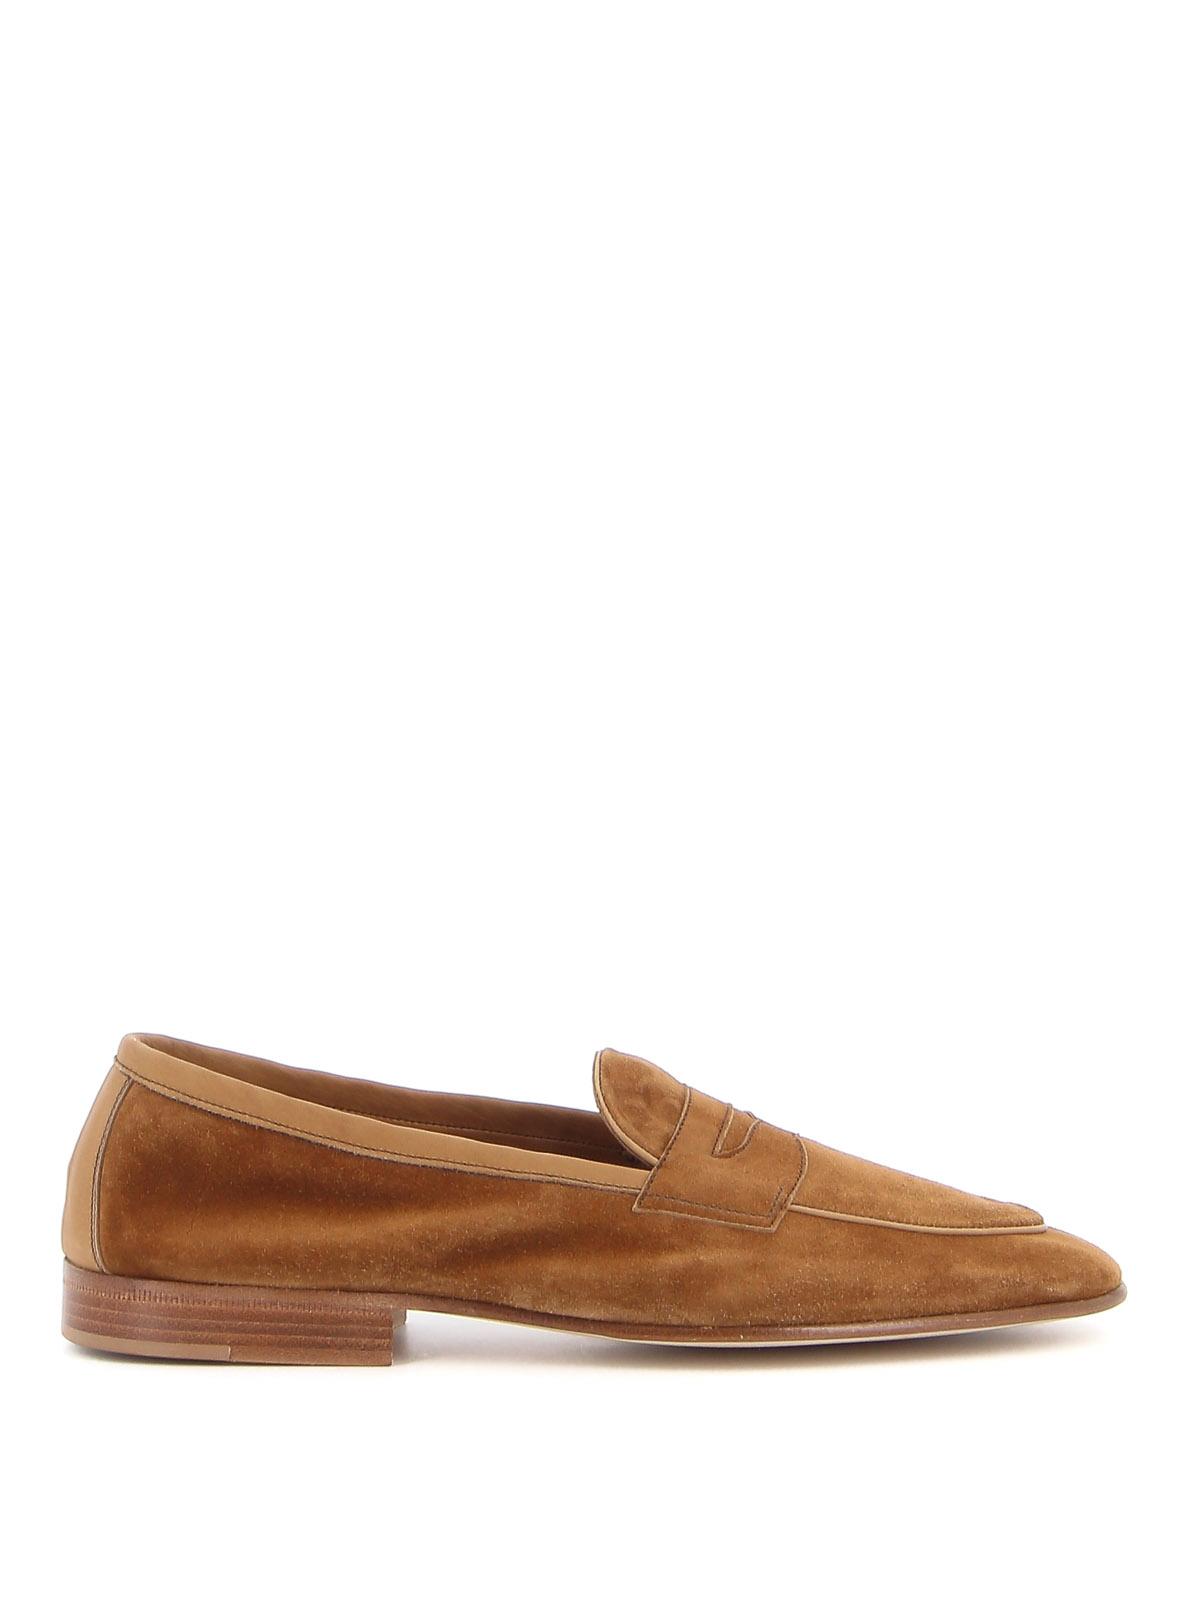 Edward Green Low heels POLPERRO LOAFERS